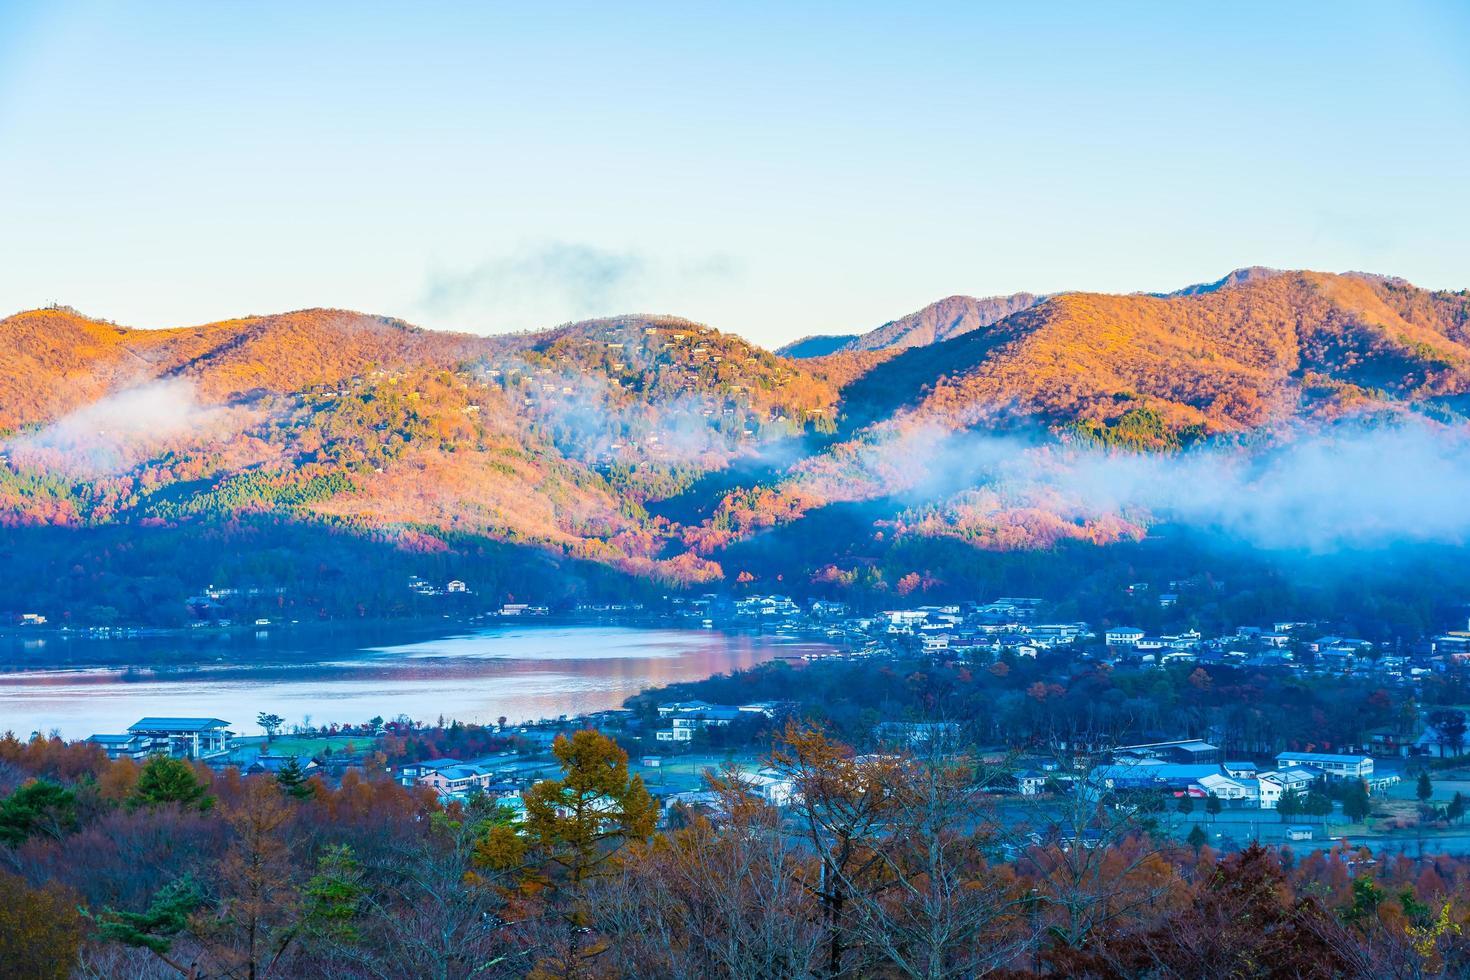 Beau paysage autour du lac Yamanakako, Japon photo